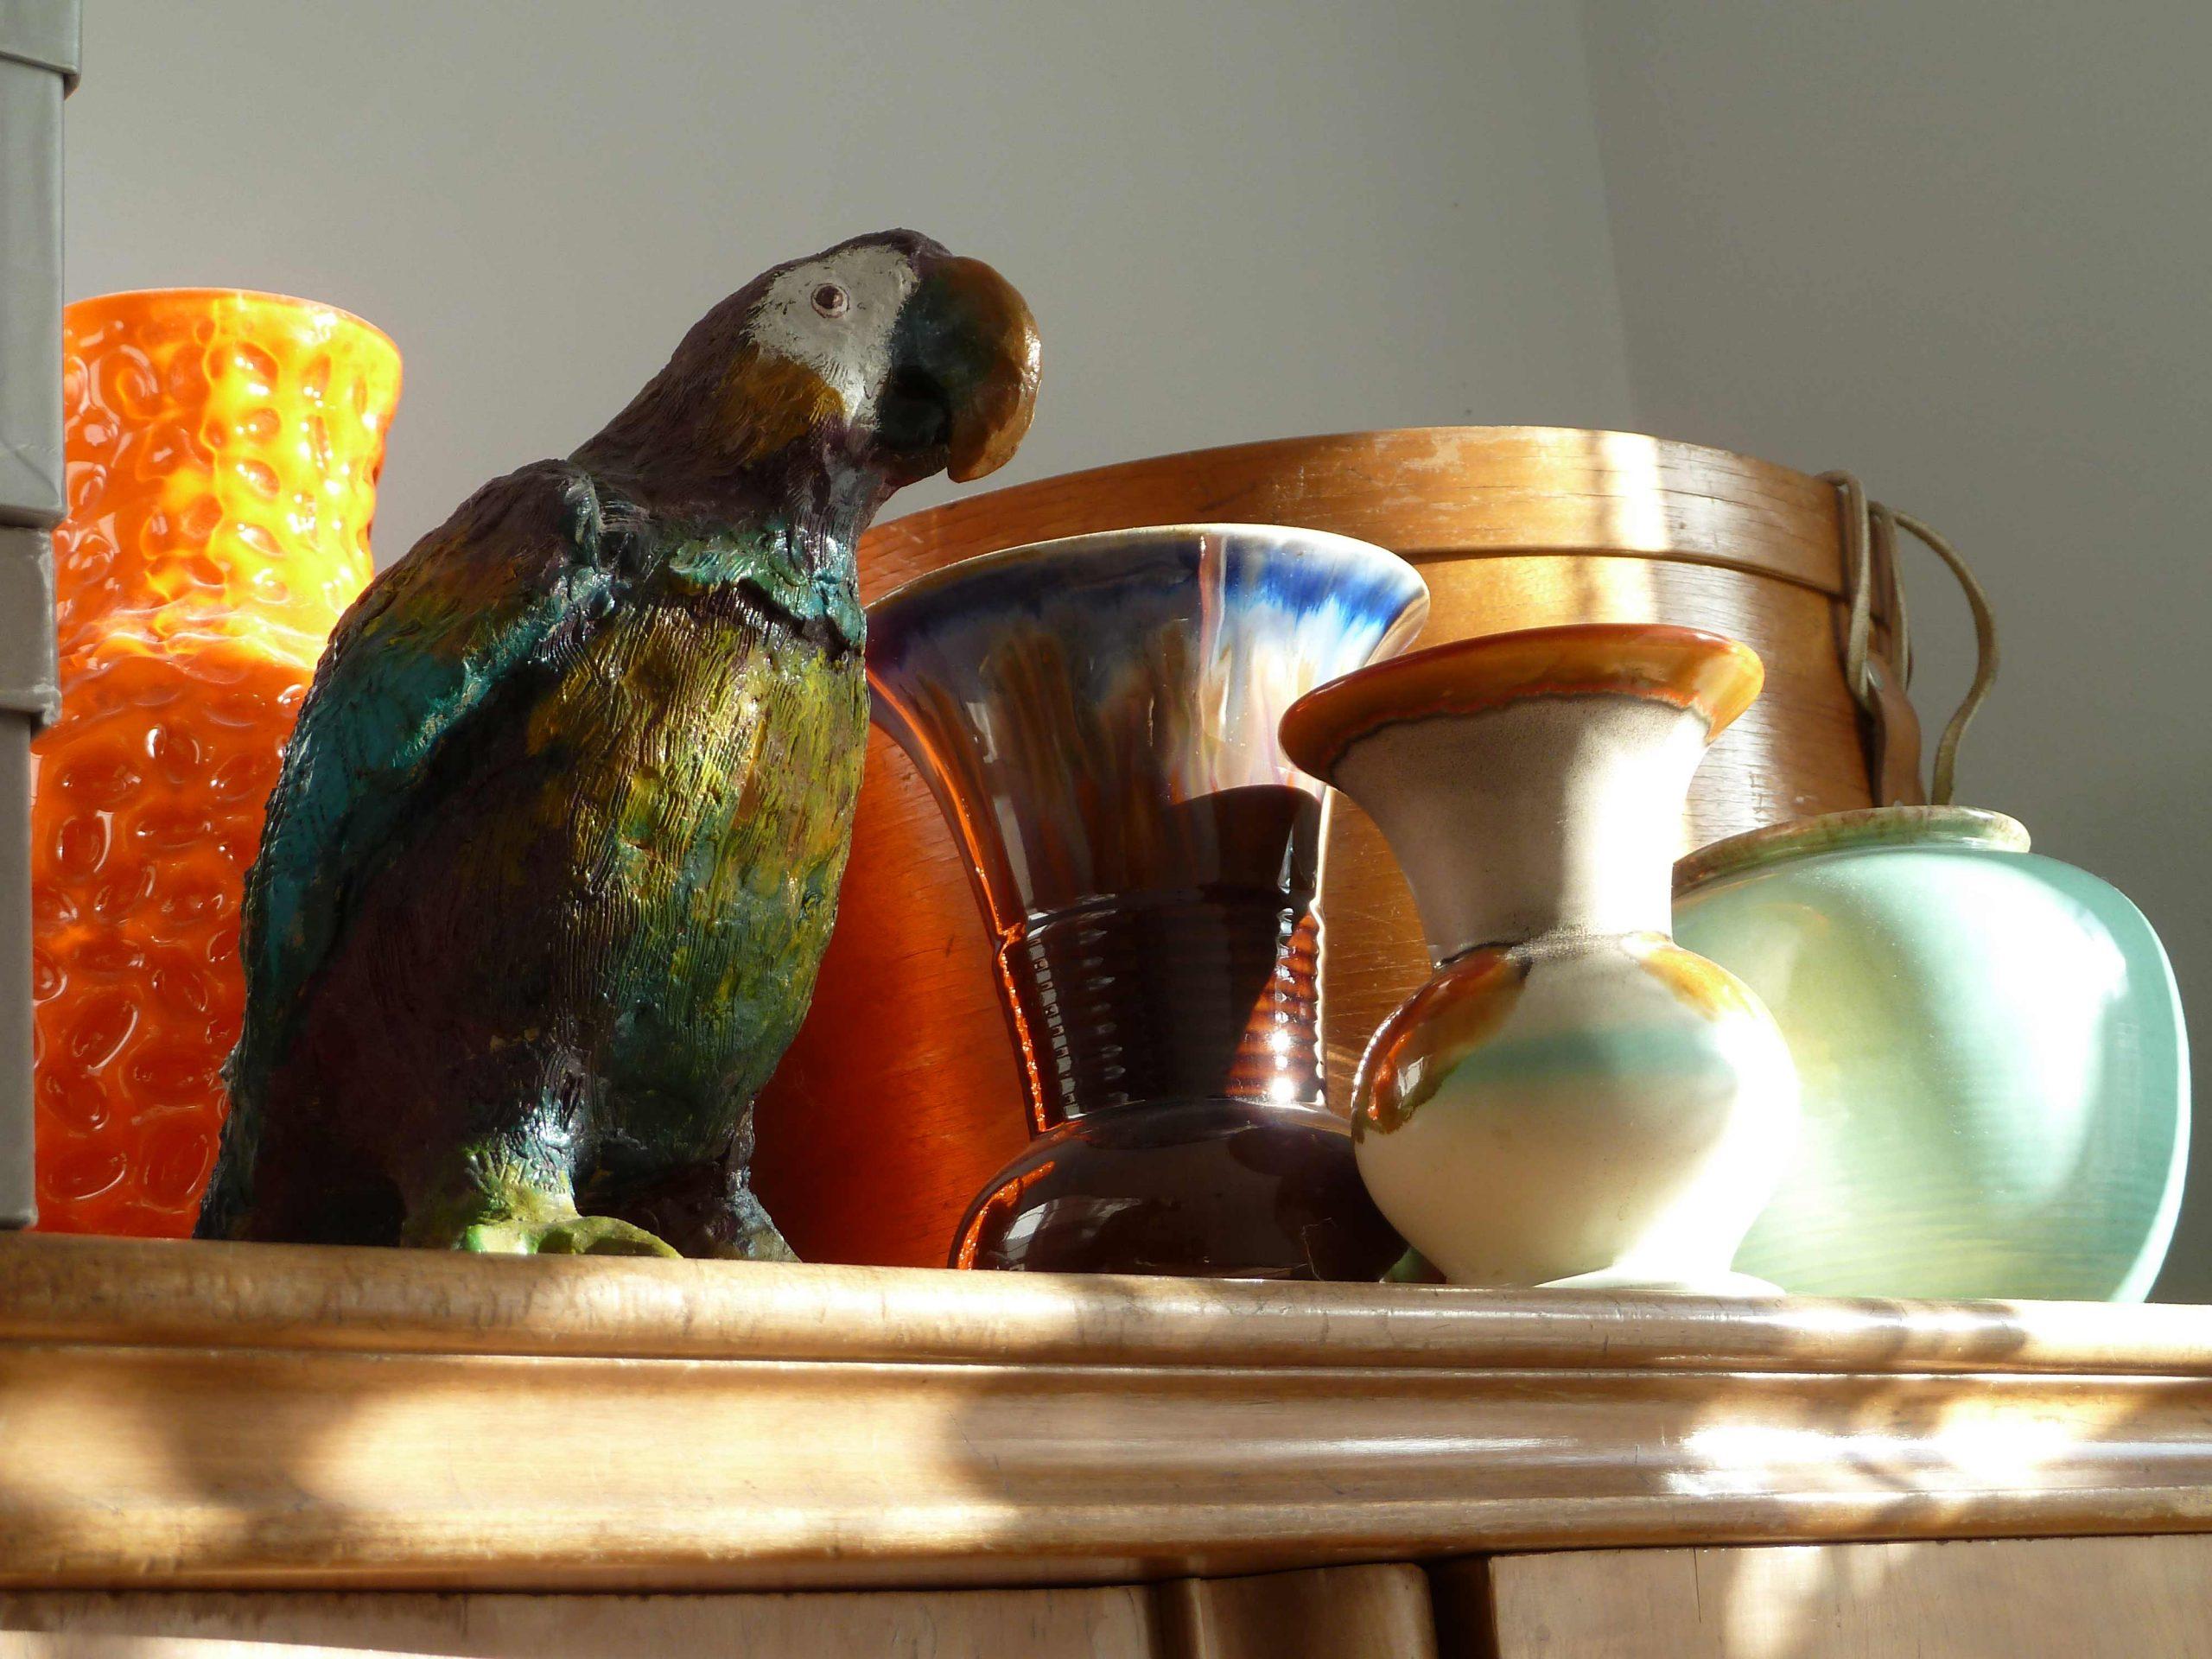 Figur Papagei auf dem Schrank zwischen Vasen